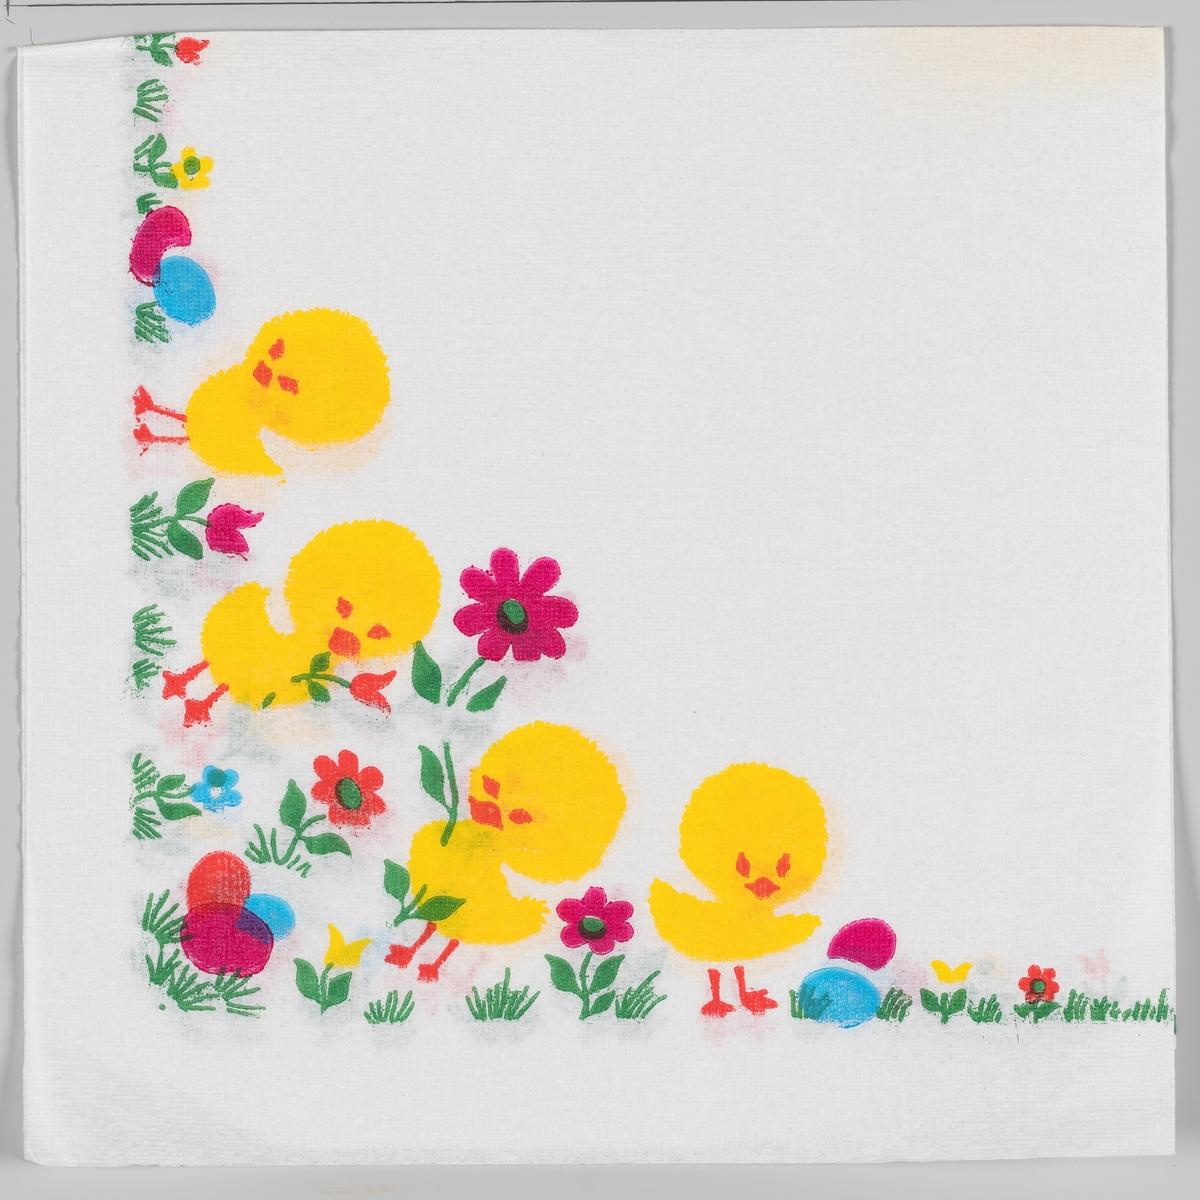 Fire kyllinger står i en blomstereng med store og små blomster og kulørte påskeegg.